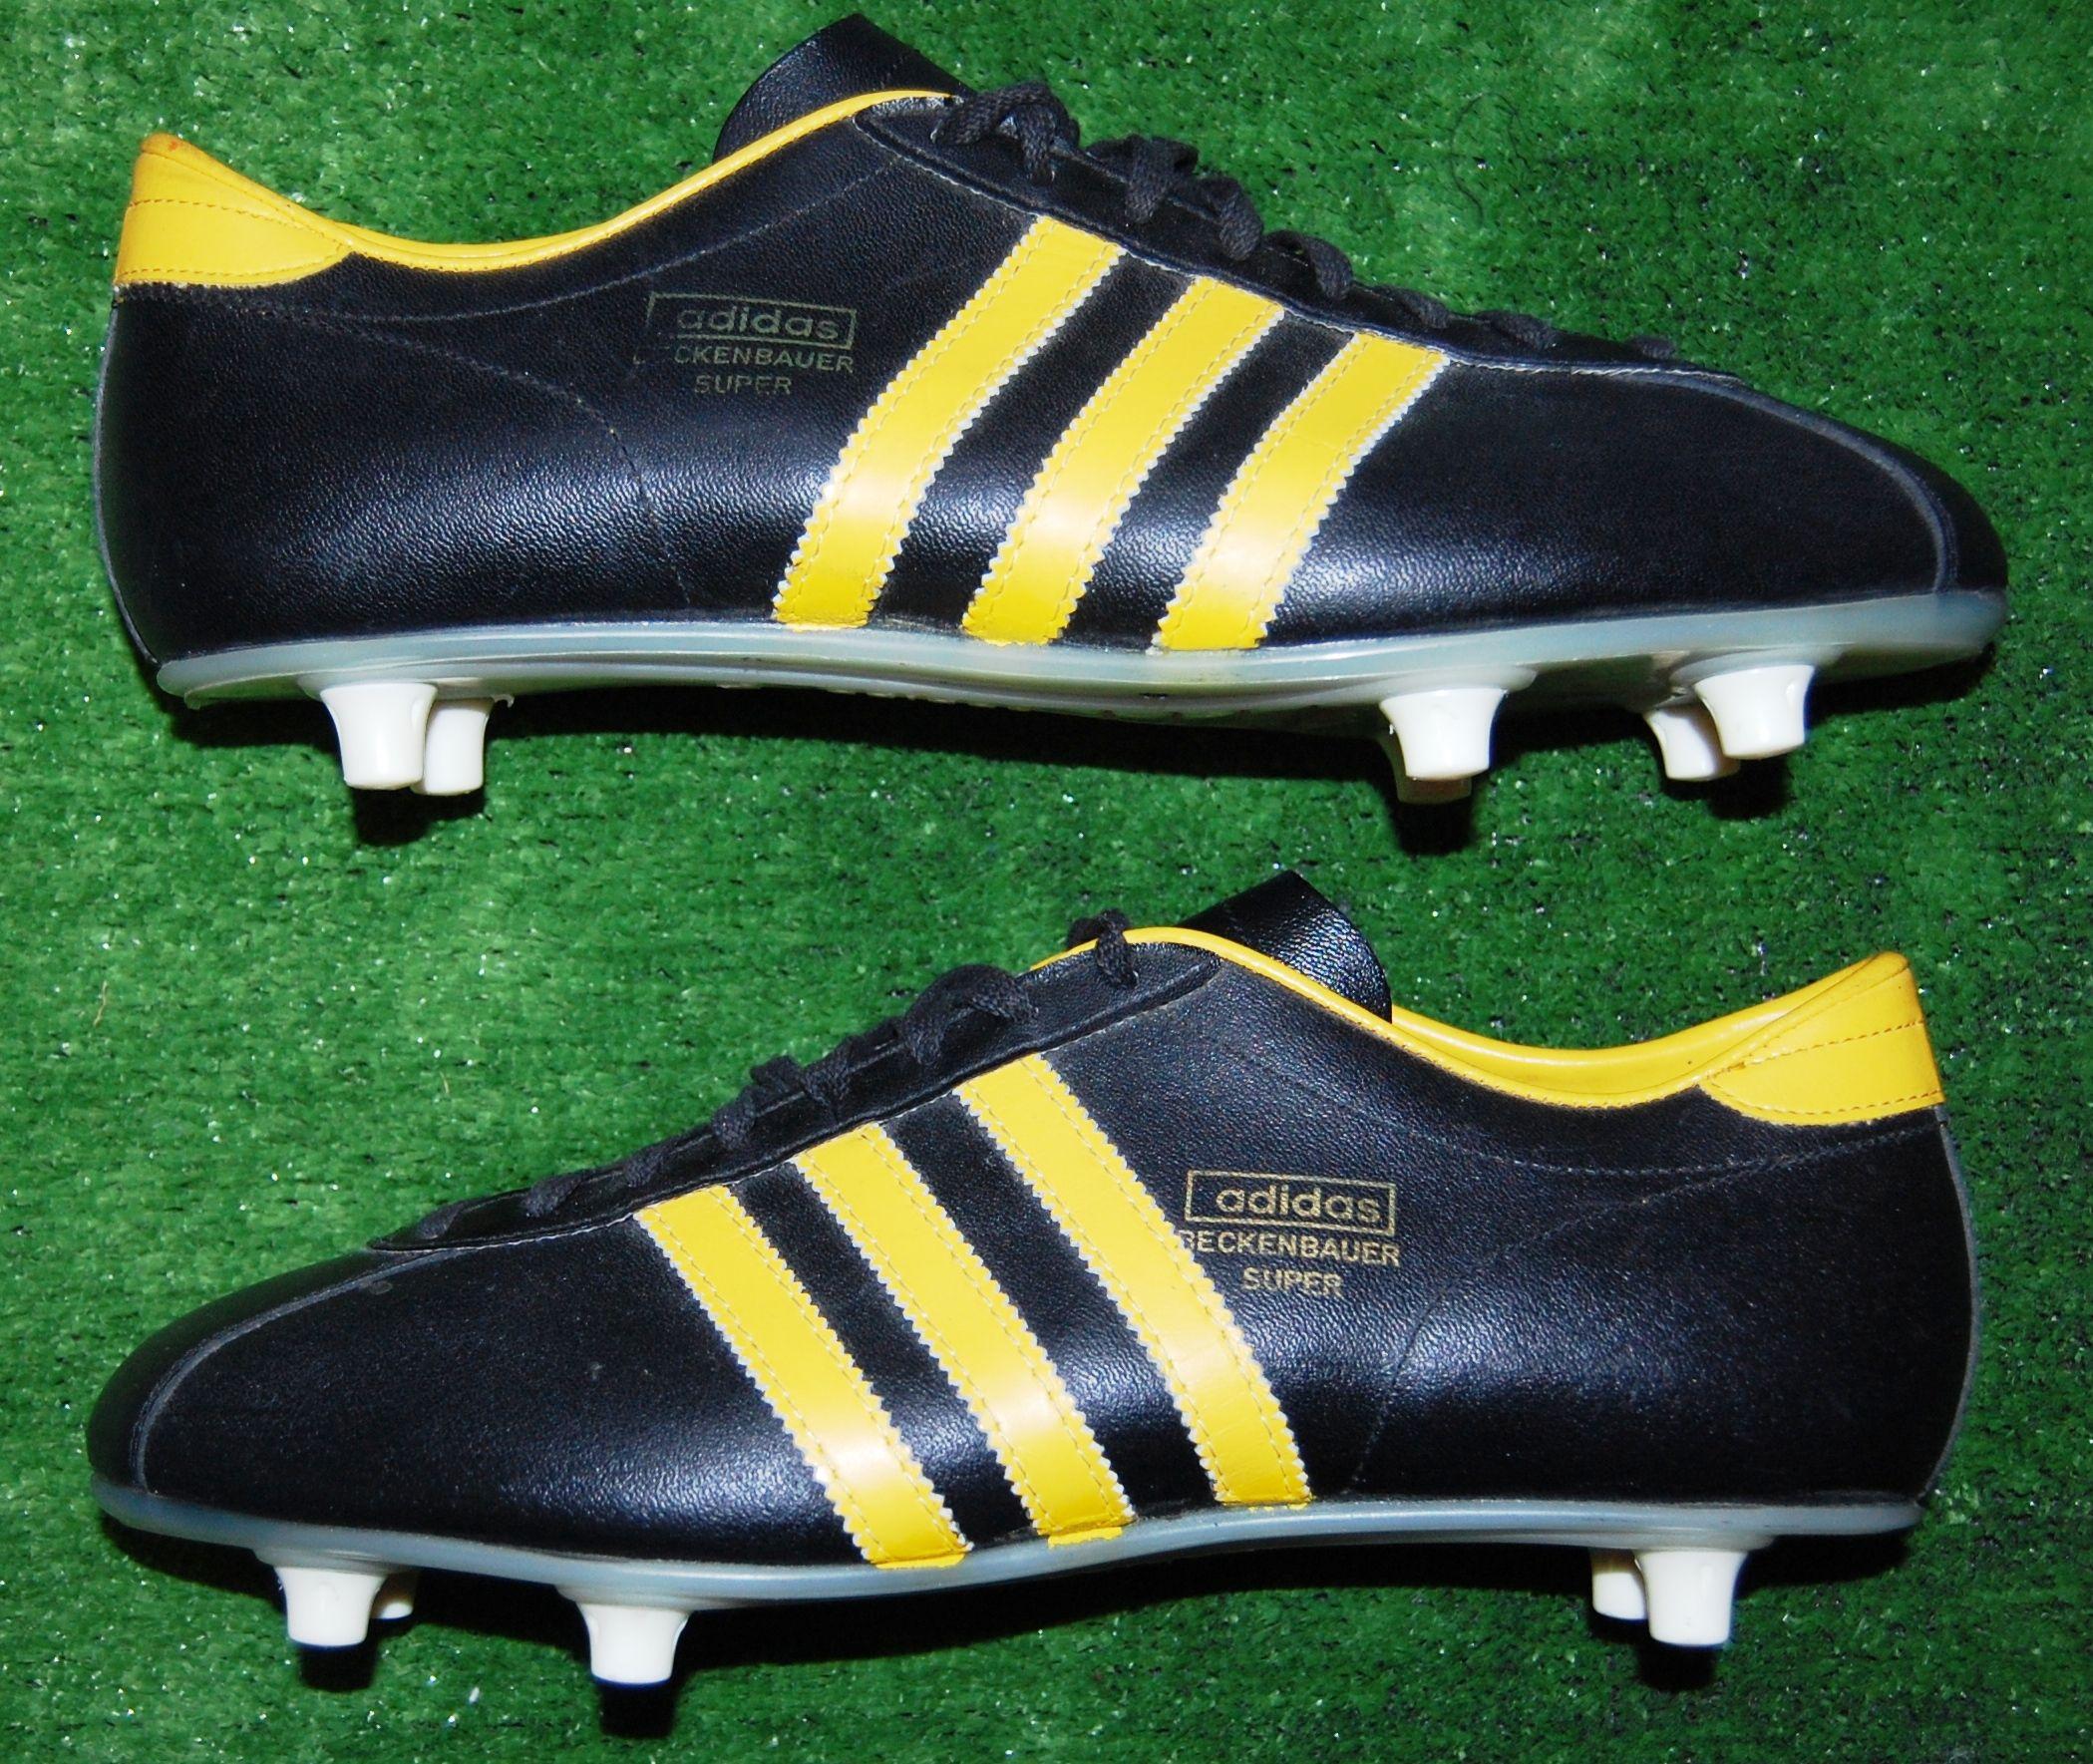 chaussure de foot adidas beckenbauer